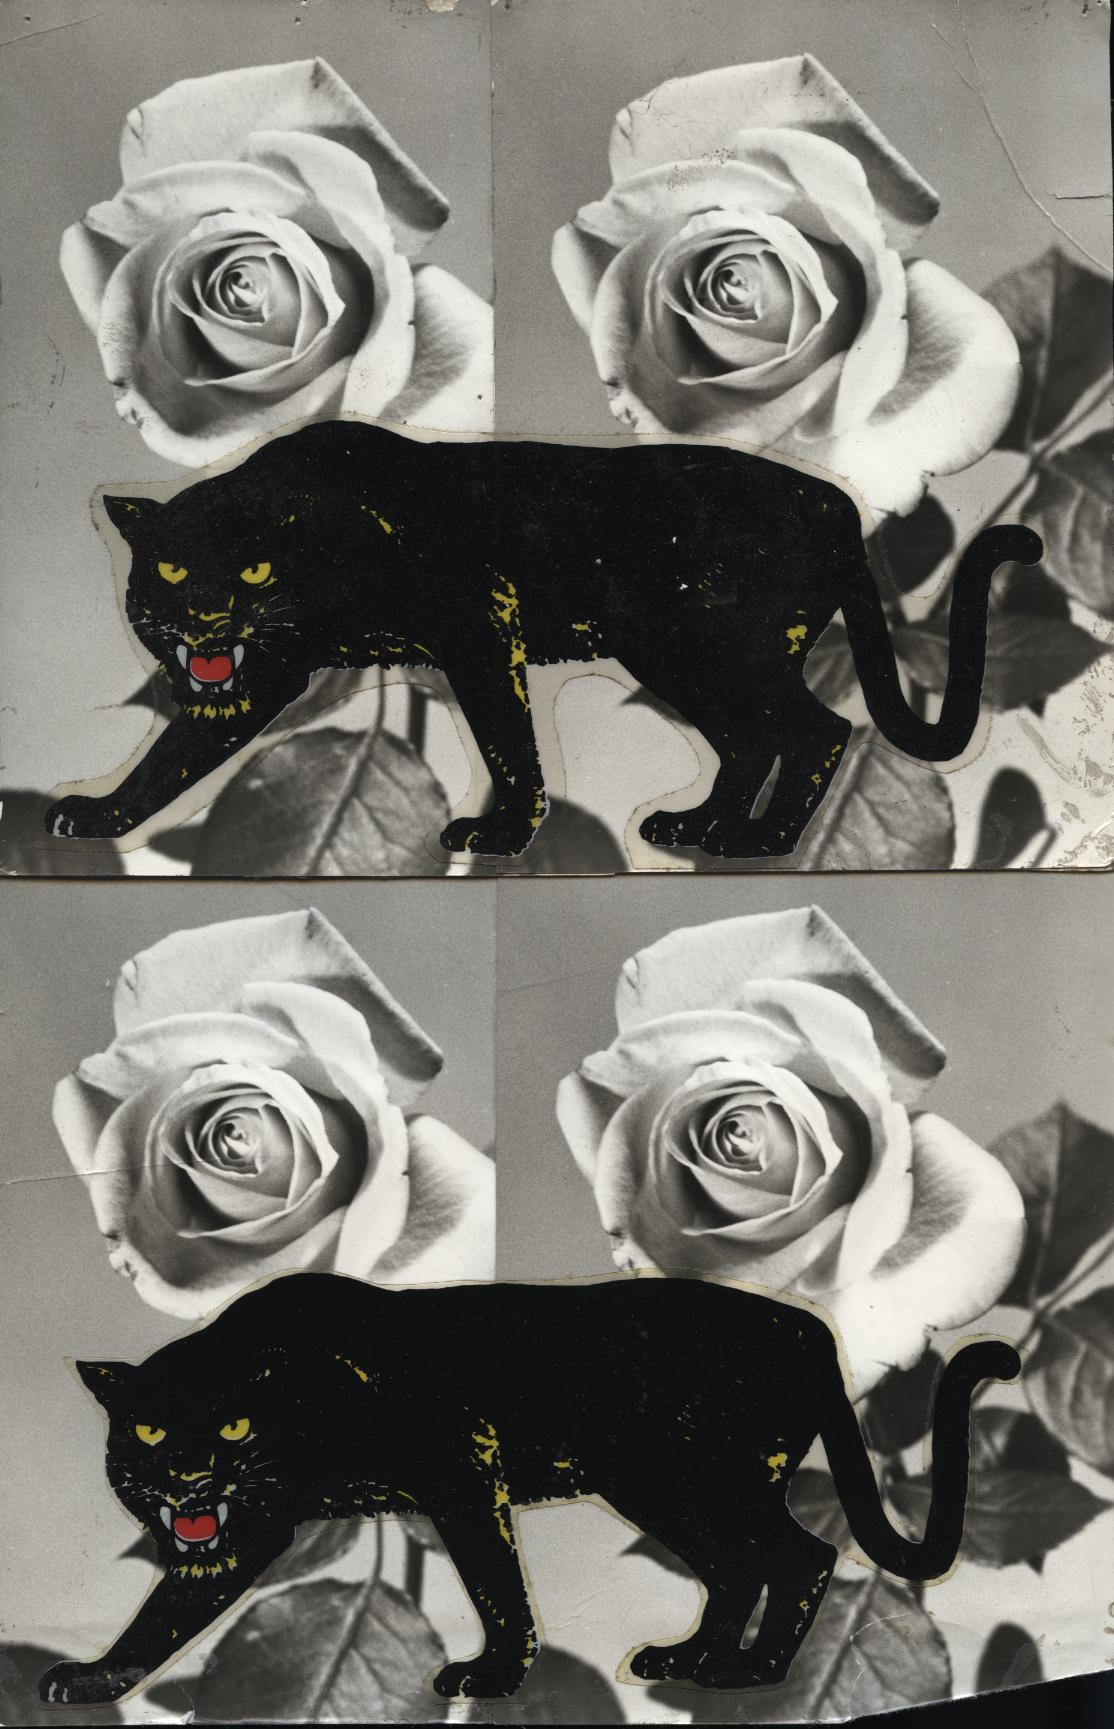 Janusz Petrykowski, z cyklu Ścieżka dzikich zwierząt, lata 80. XX w. (dzięki uprzejmości Stefana Okołowicza)